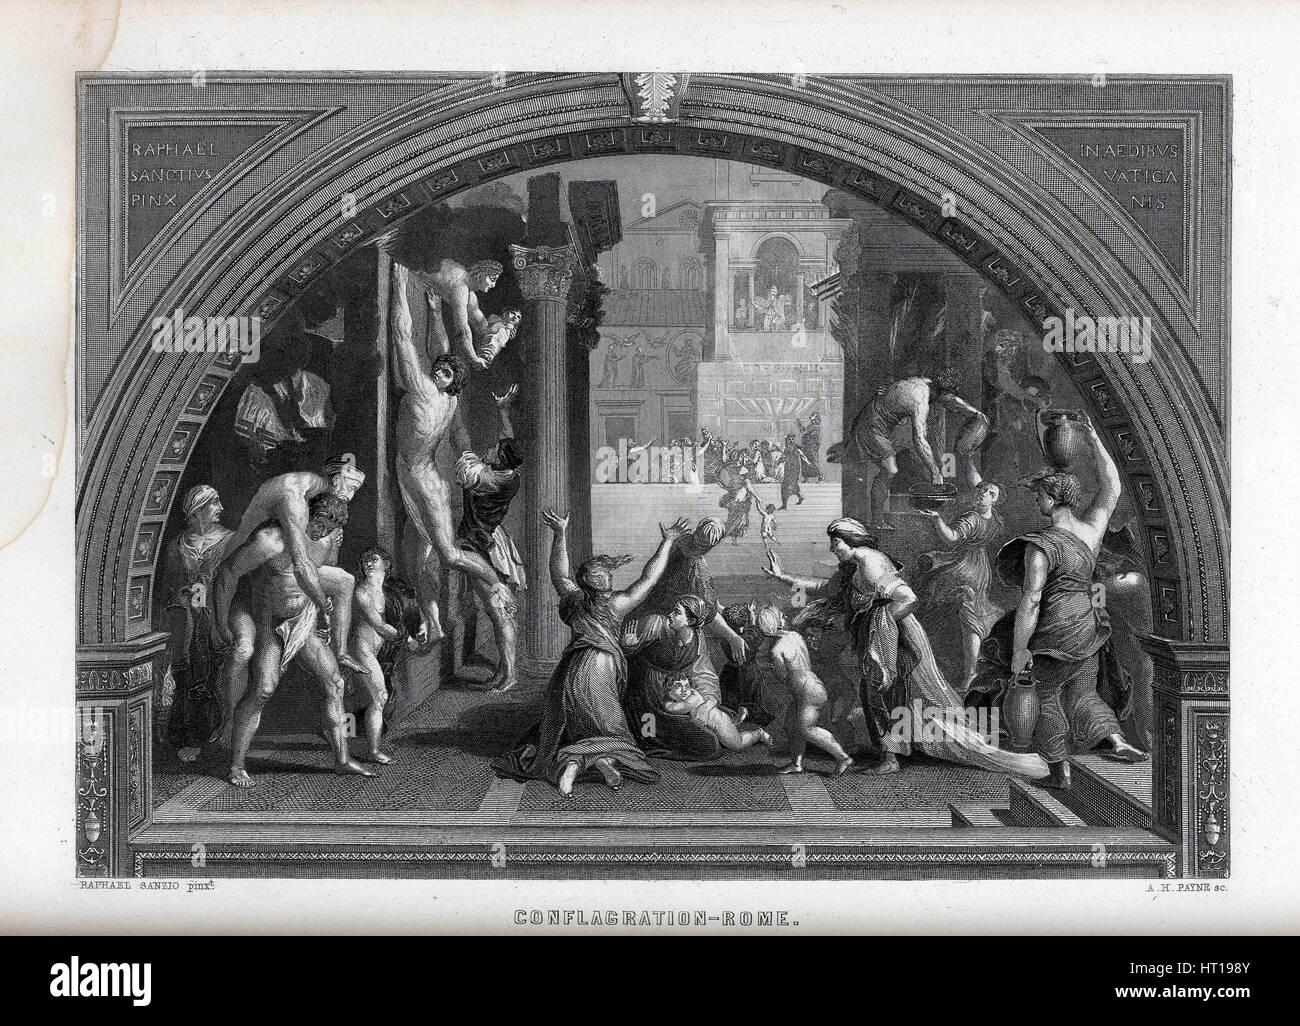 Conflagration of Rome, 1882. Artist: Payne, Albert Henry (1812-1902) - Stock Image